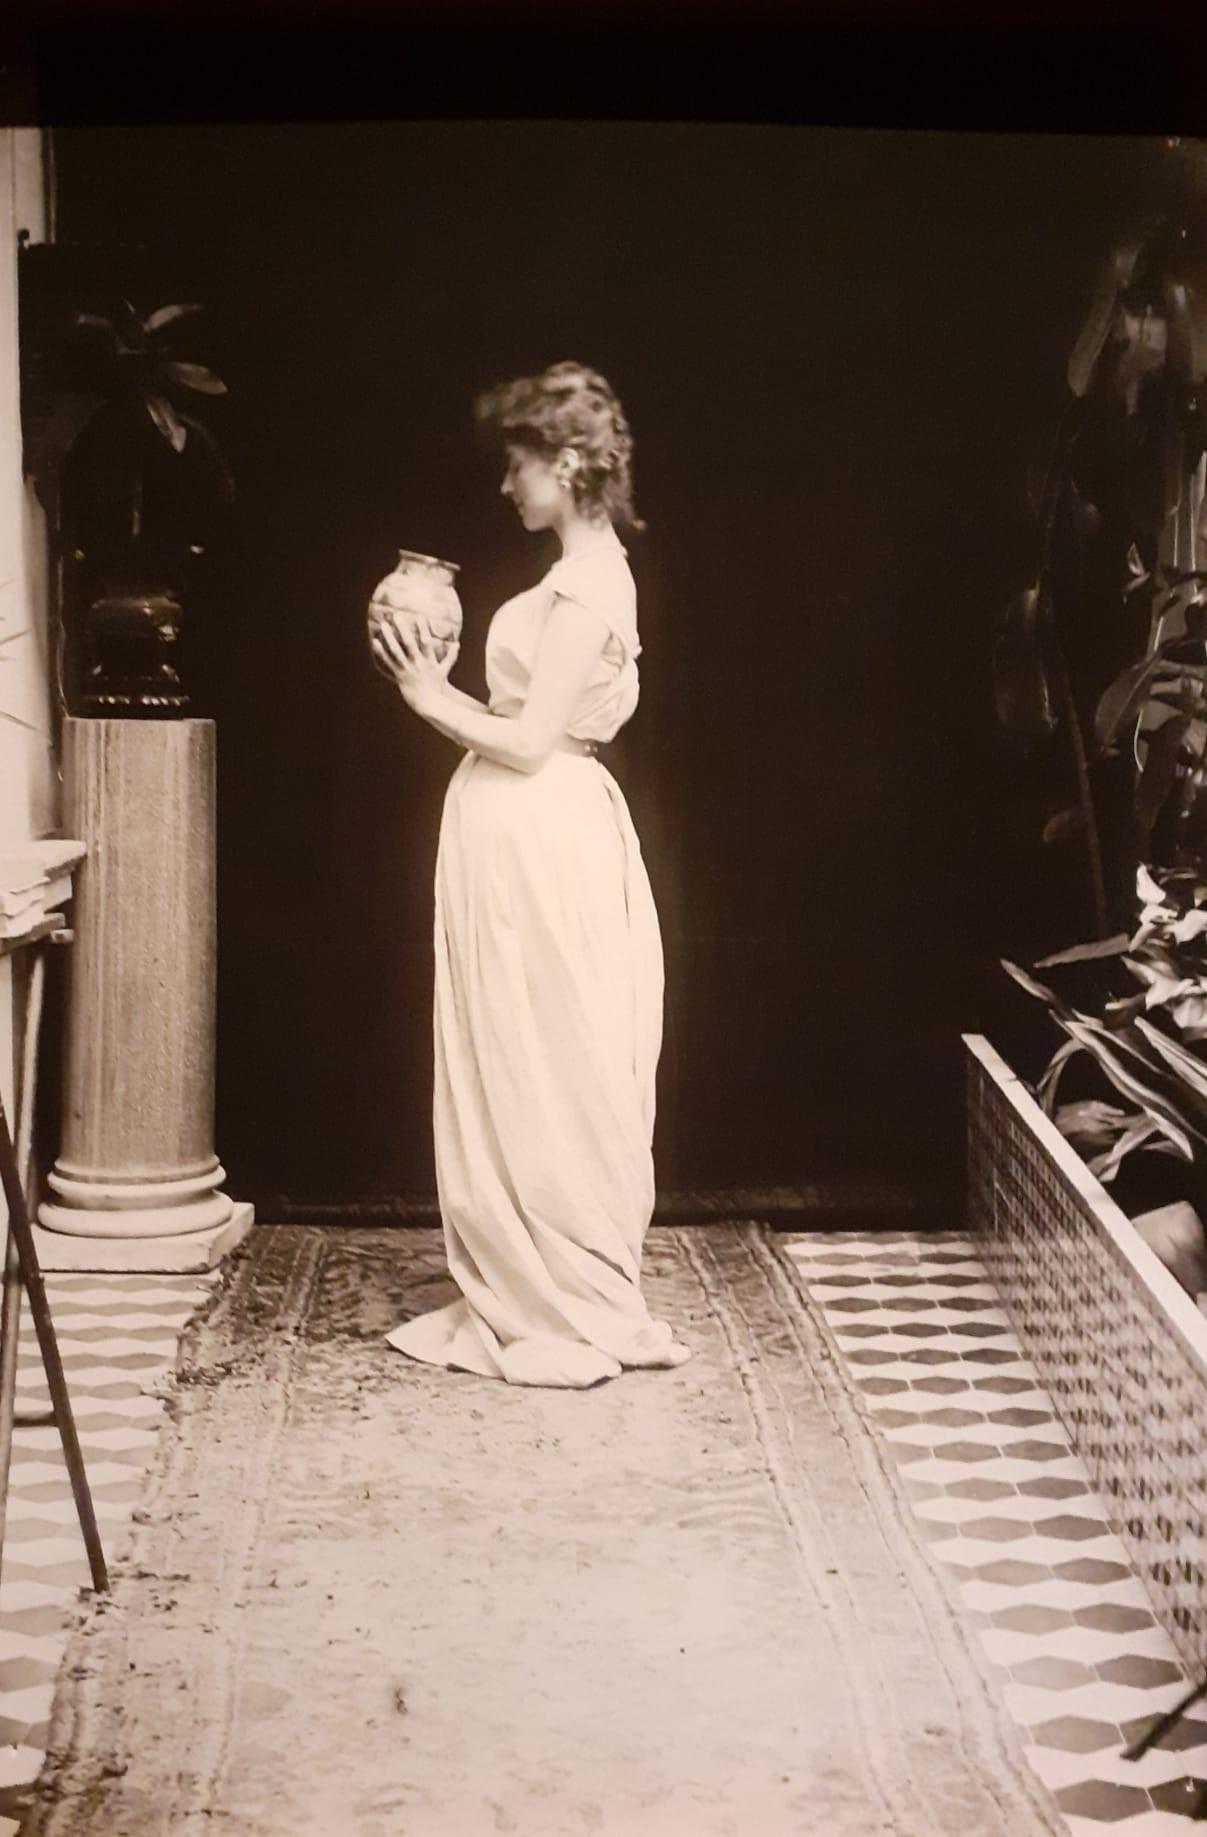 Madame Hardouin, moglie di D'Annunzio, acconciata come una Vergine Saggia